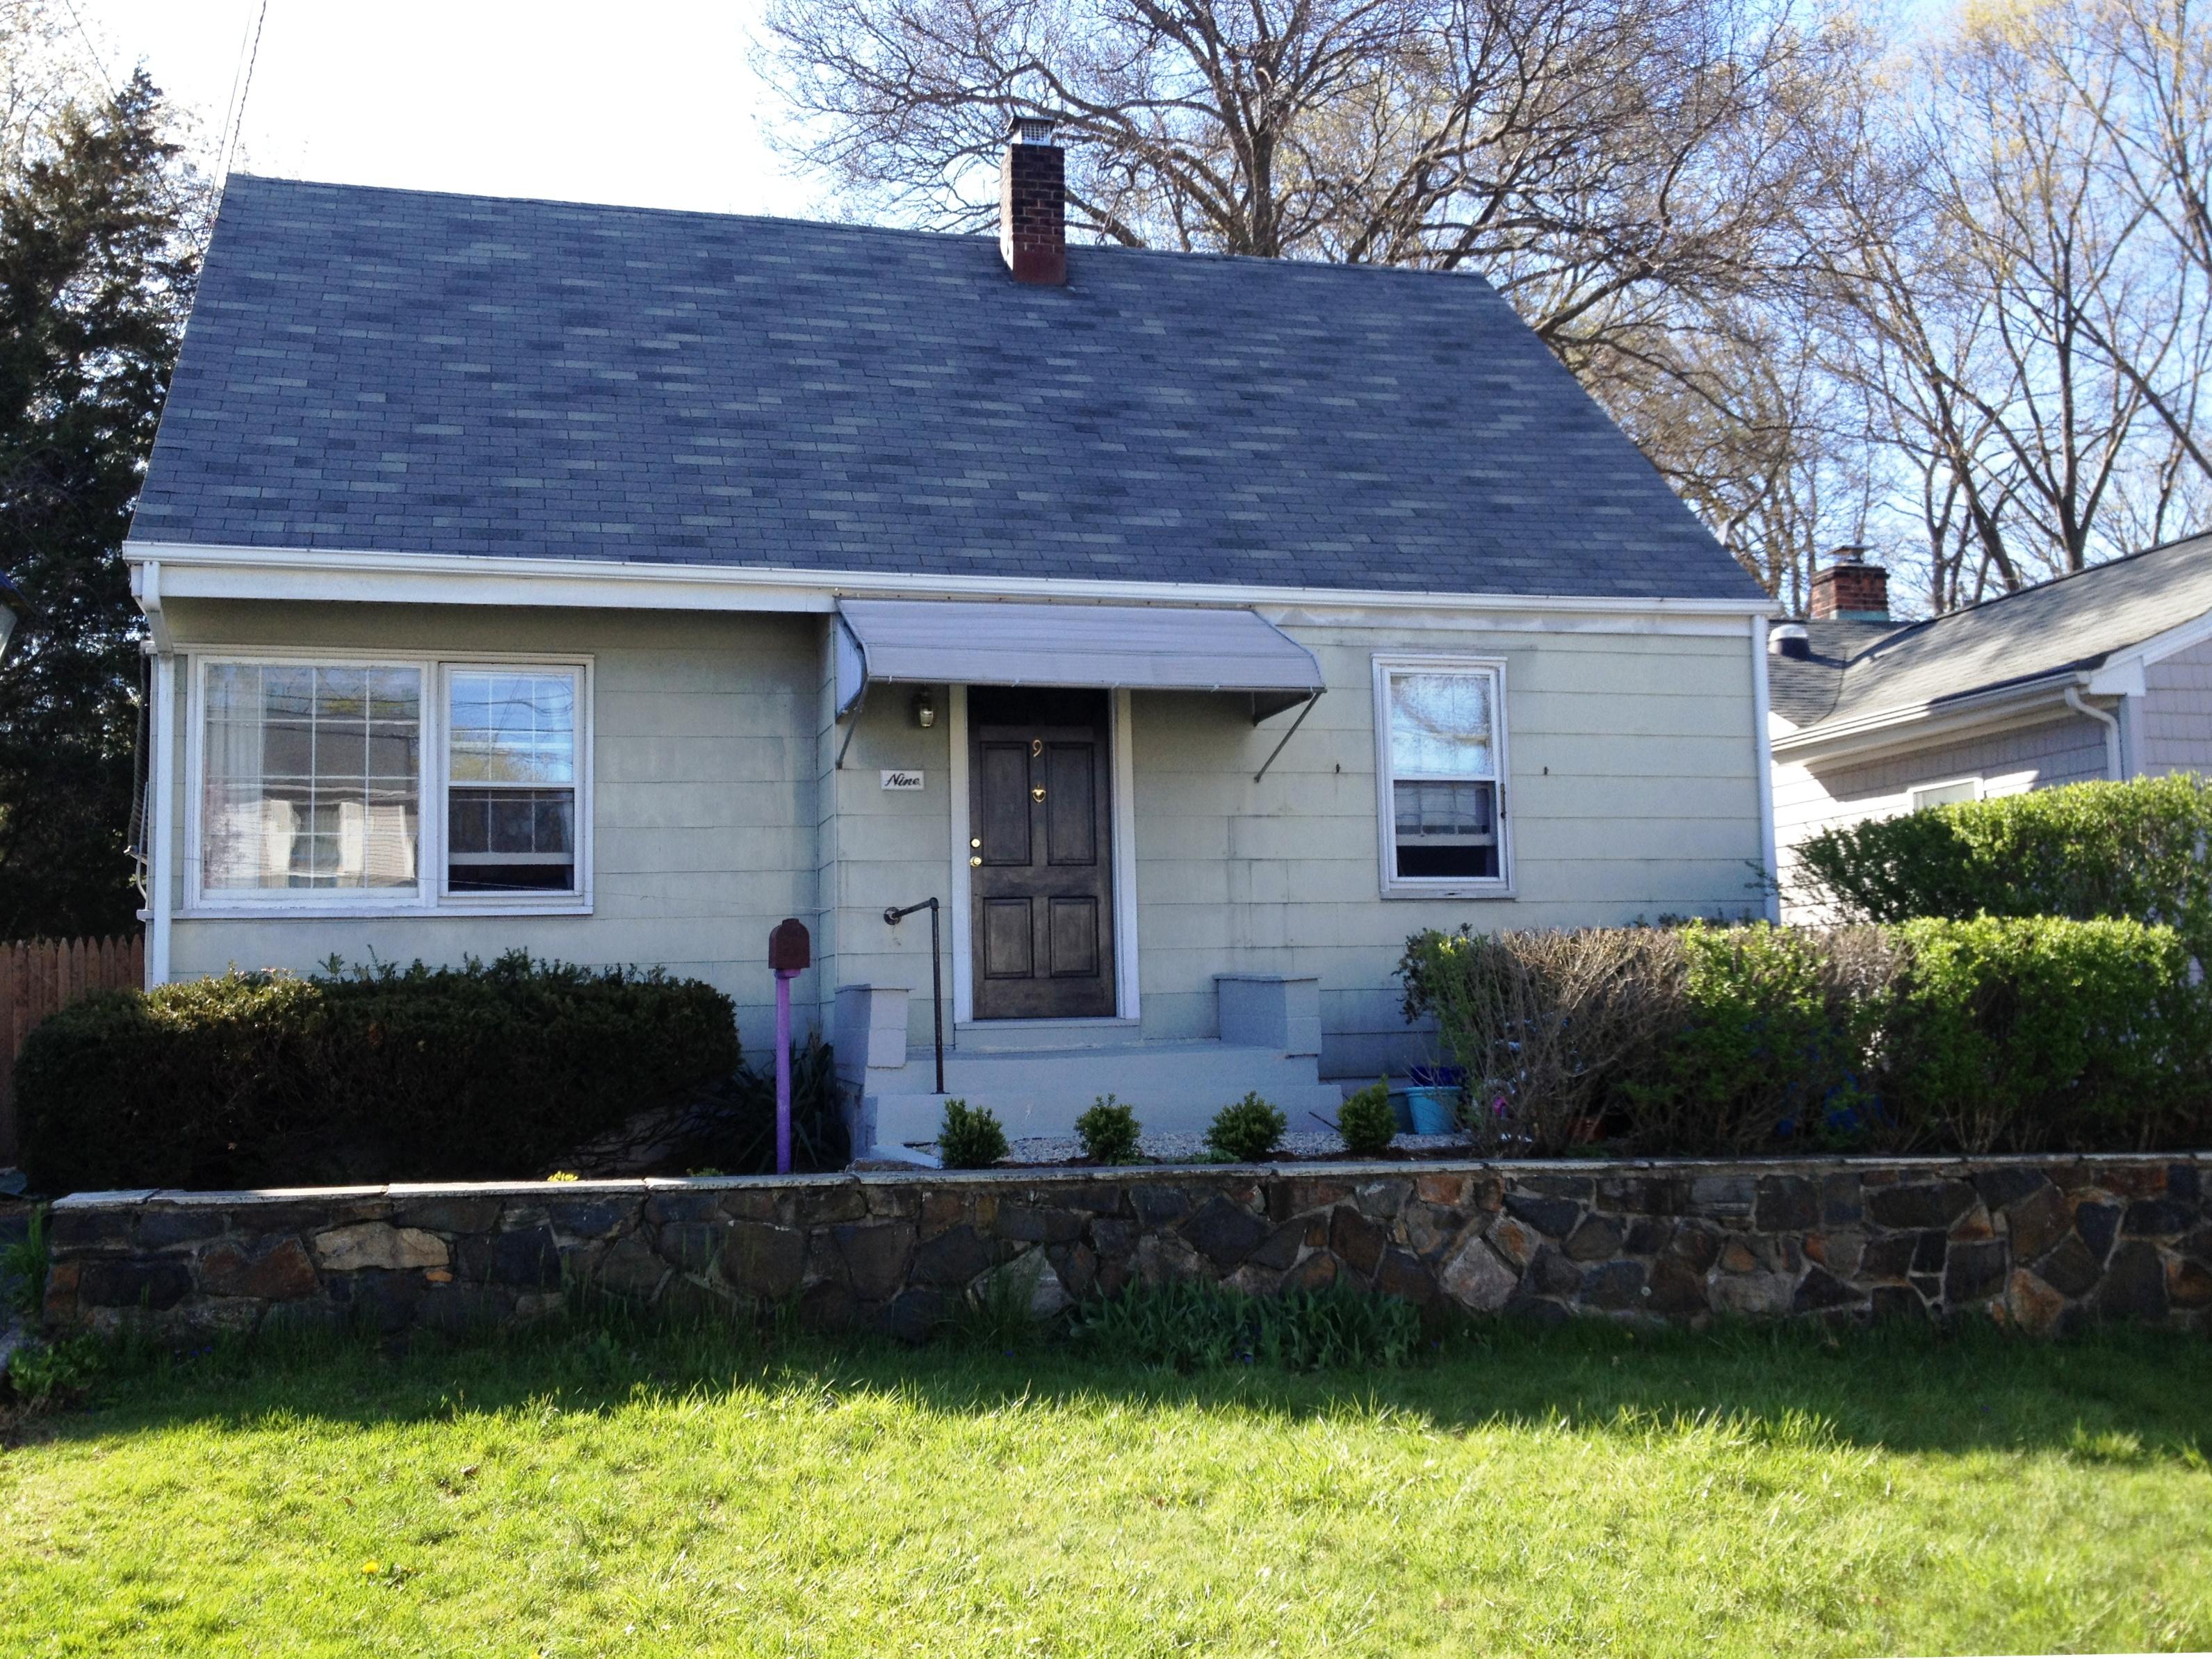 Maison unifamiliale pour l Vente à Location, Location, Location! 9 Visconti Street Norwalk, Connecticut, 06851 États-Unis